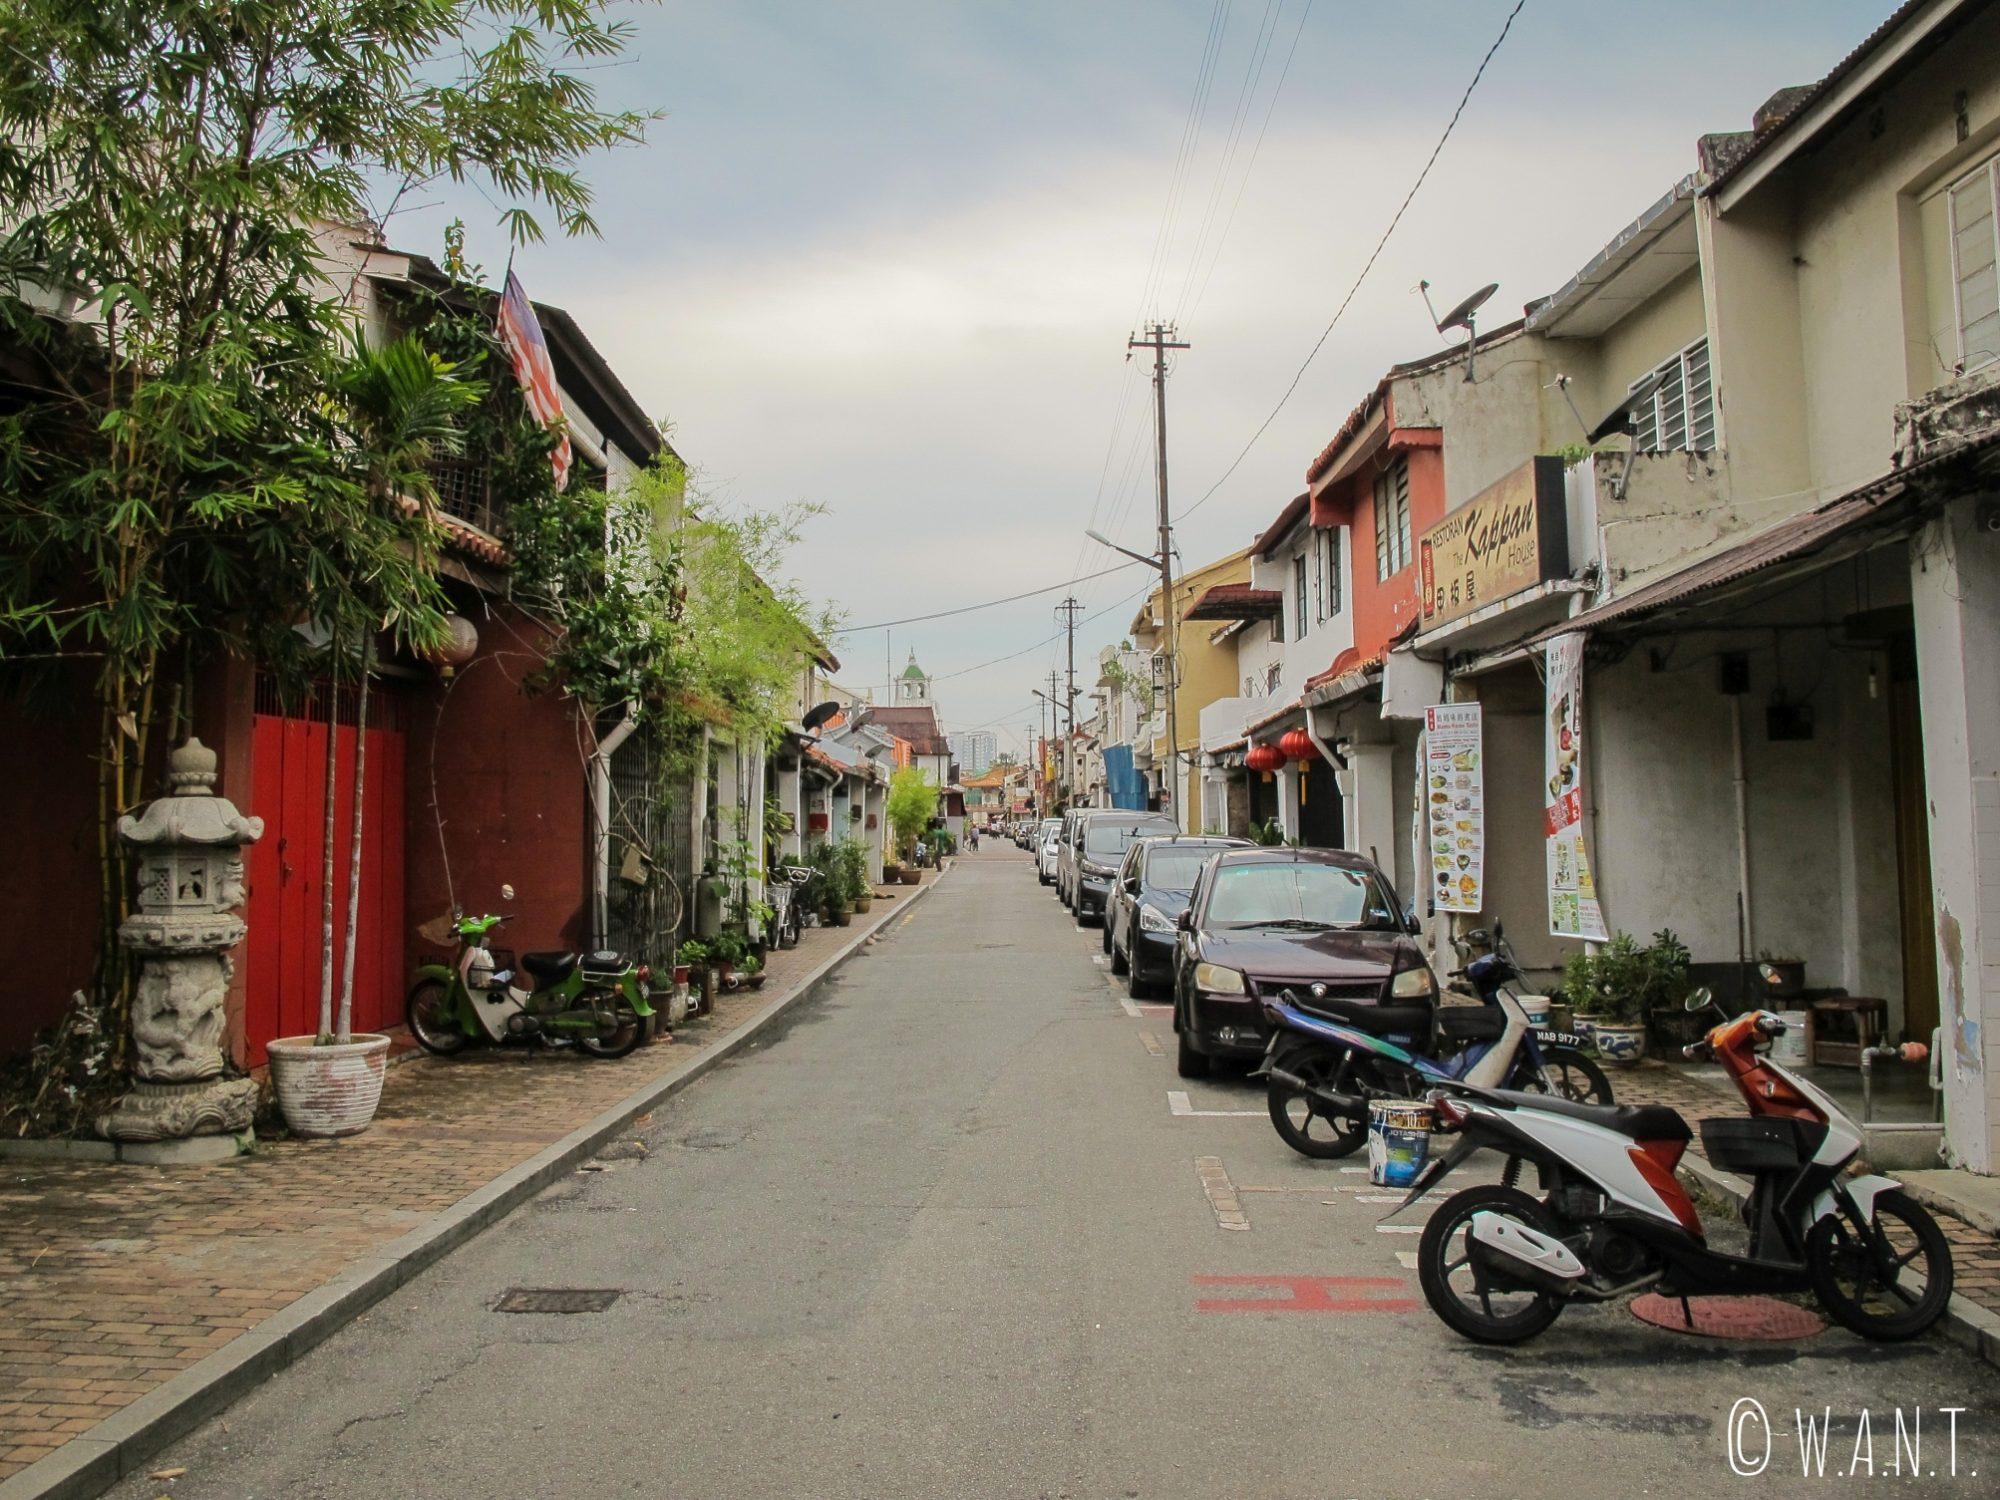 Rue résidentielle du quartier de Chinatown de Malacca